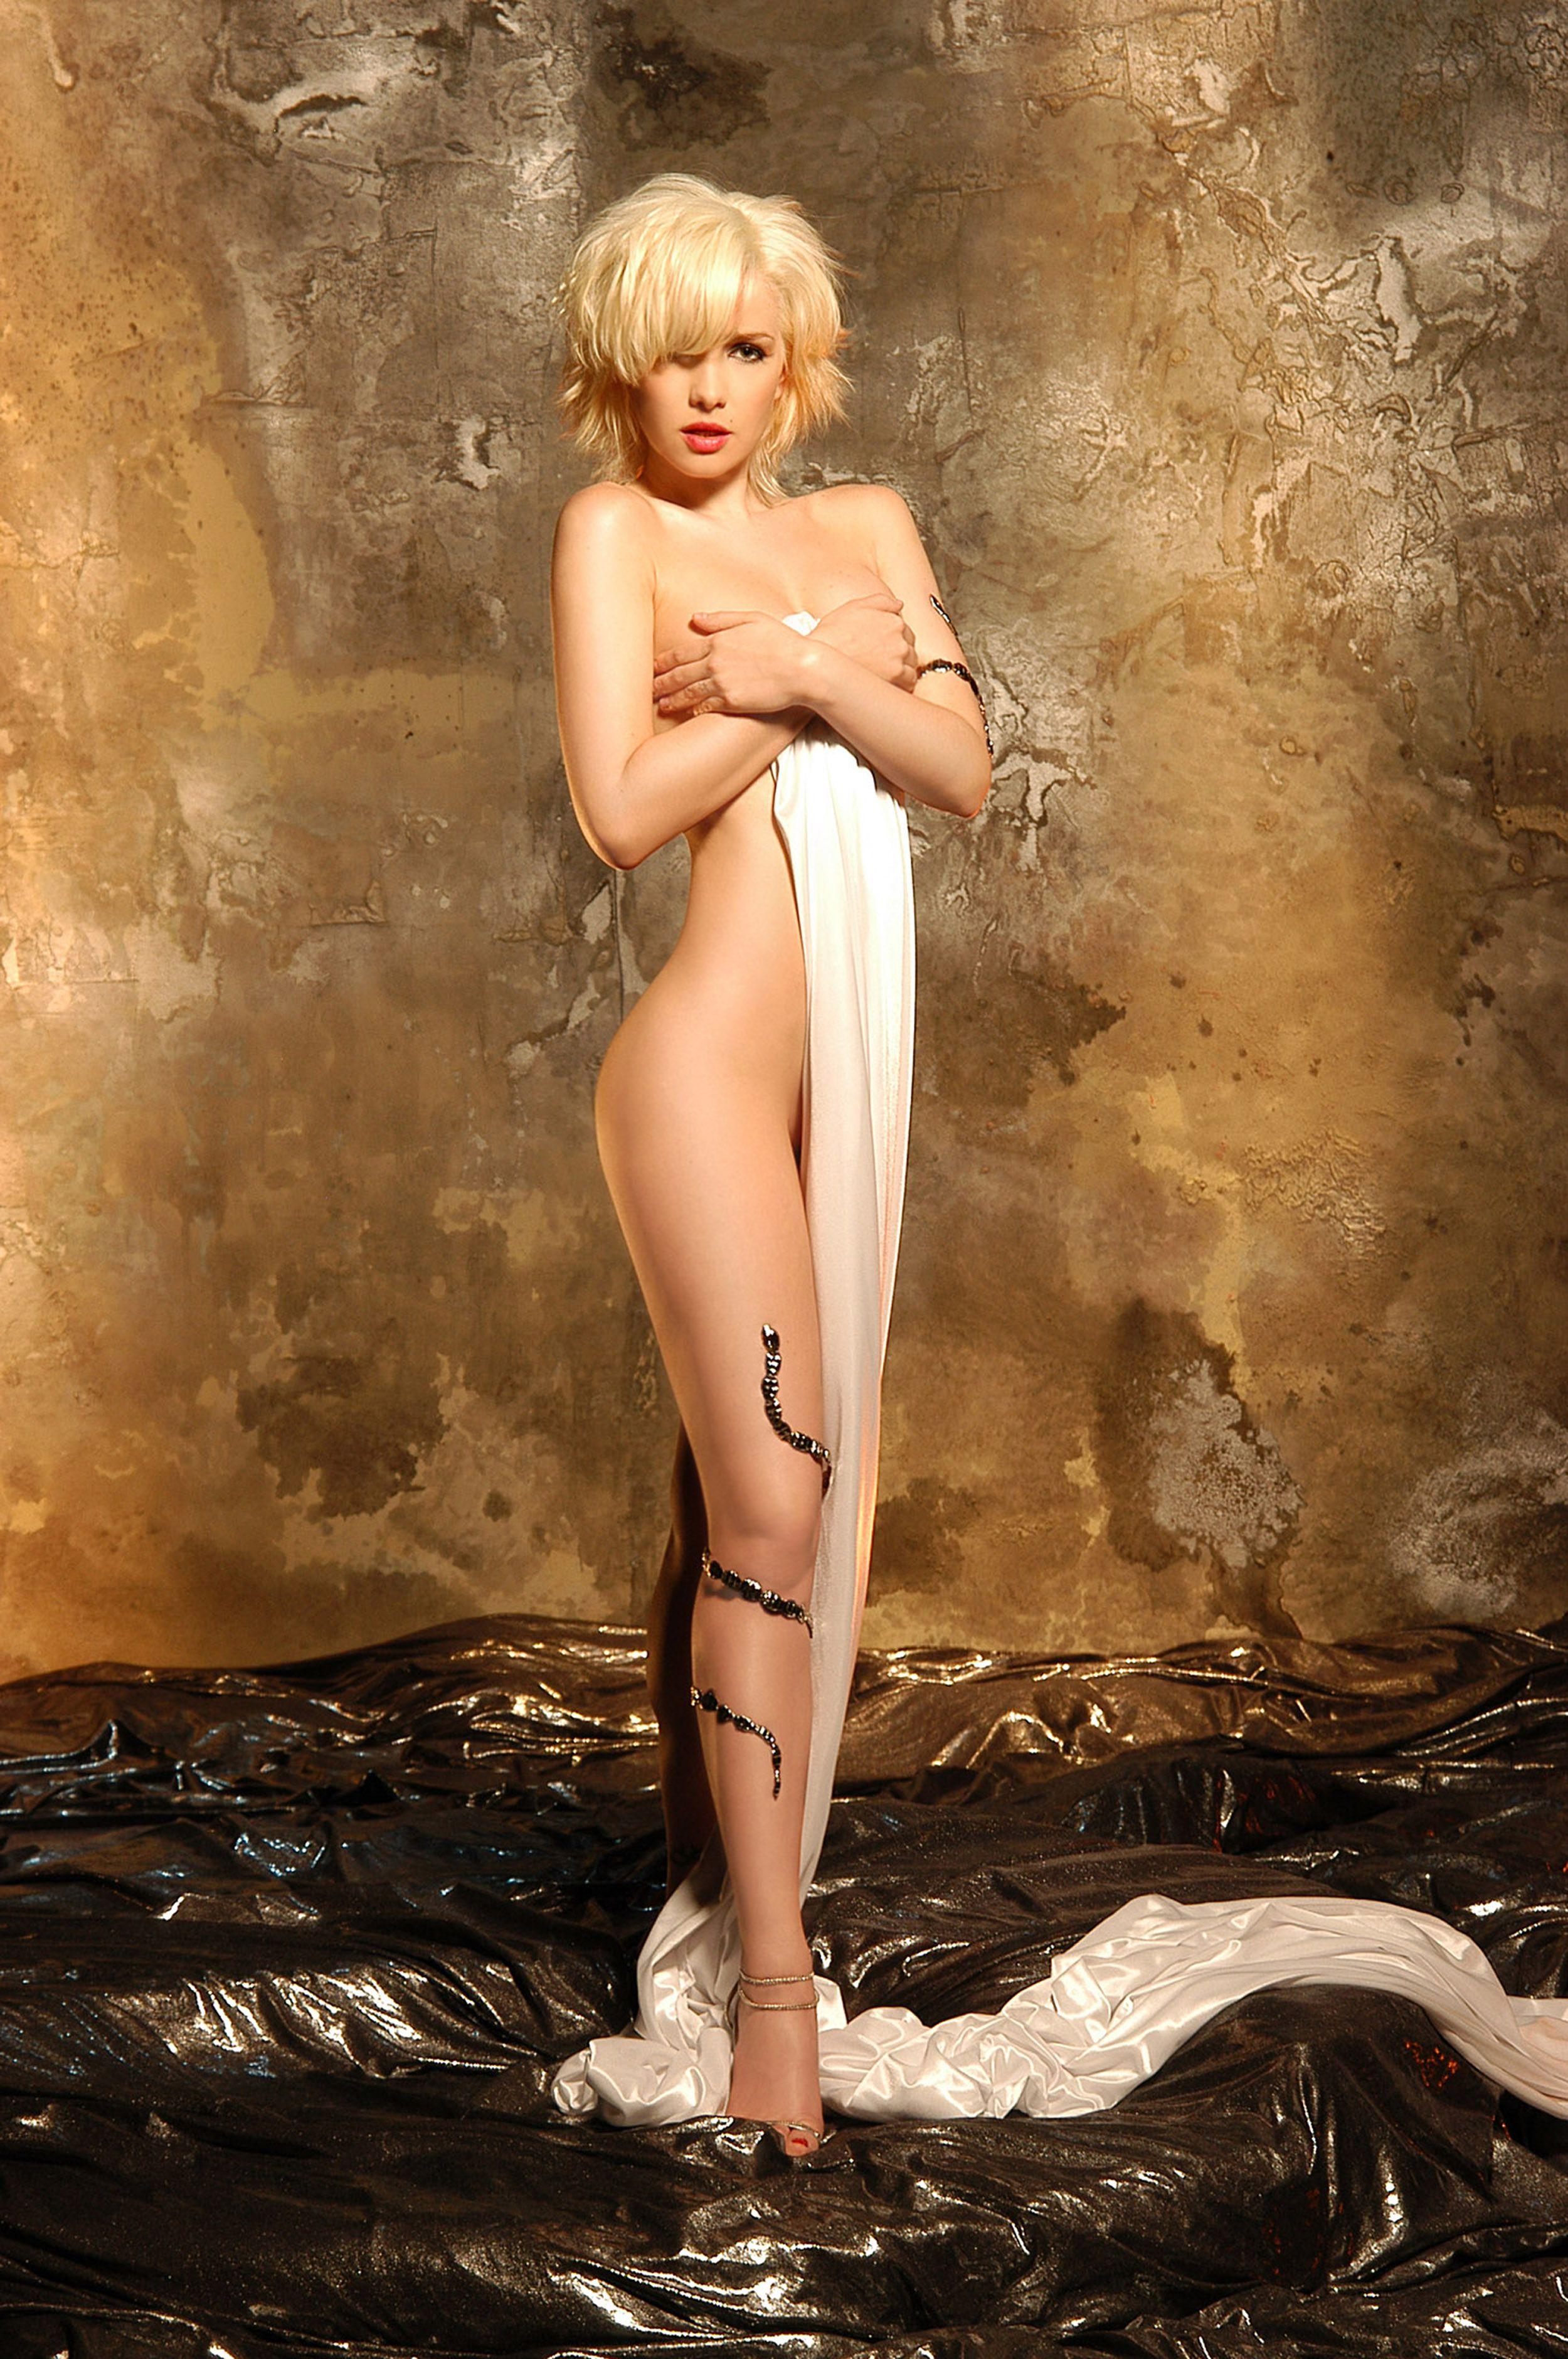 Эротическое фото наталии орейро 16 фотография